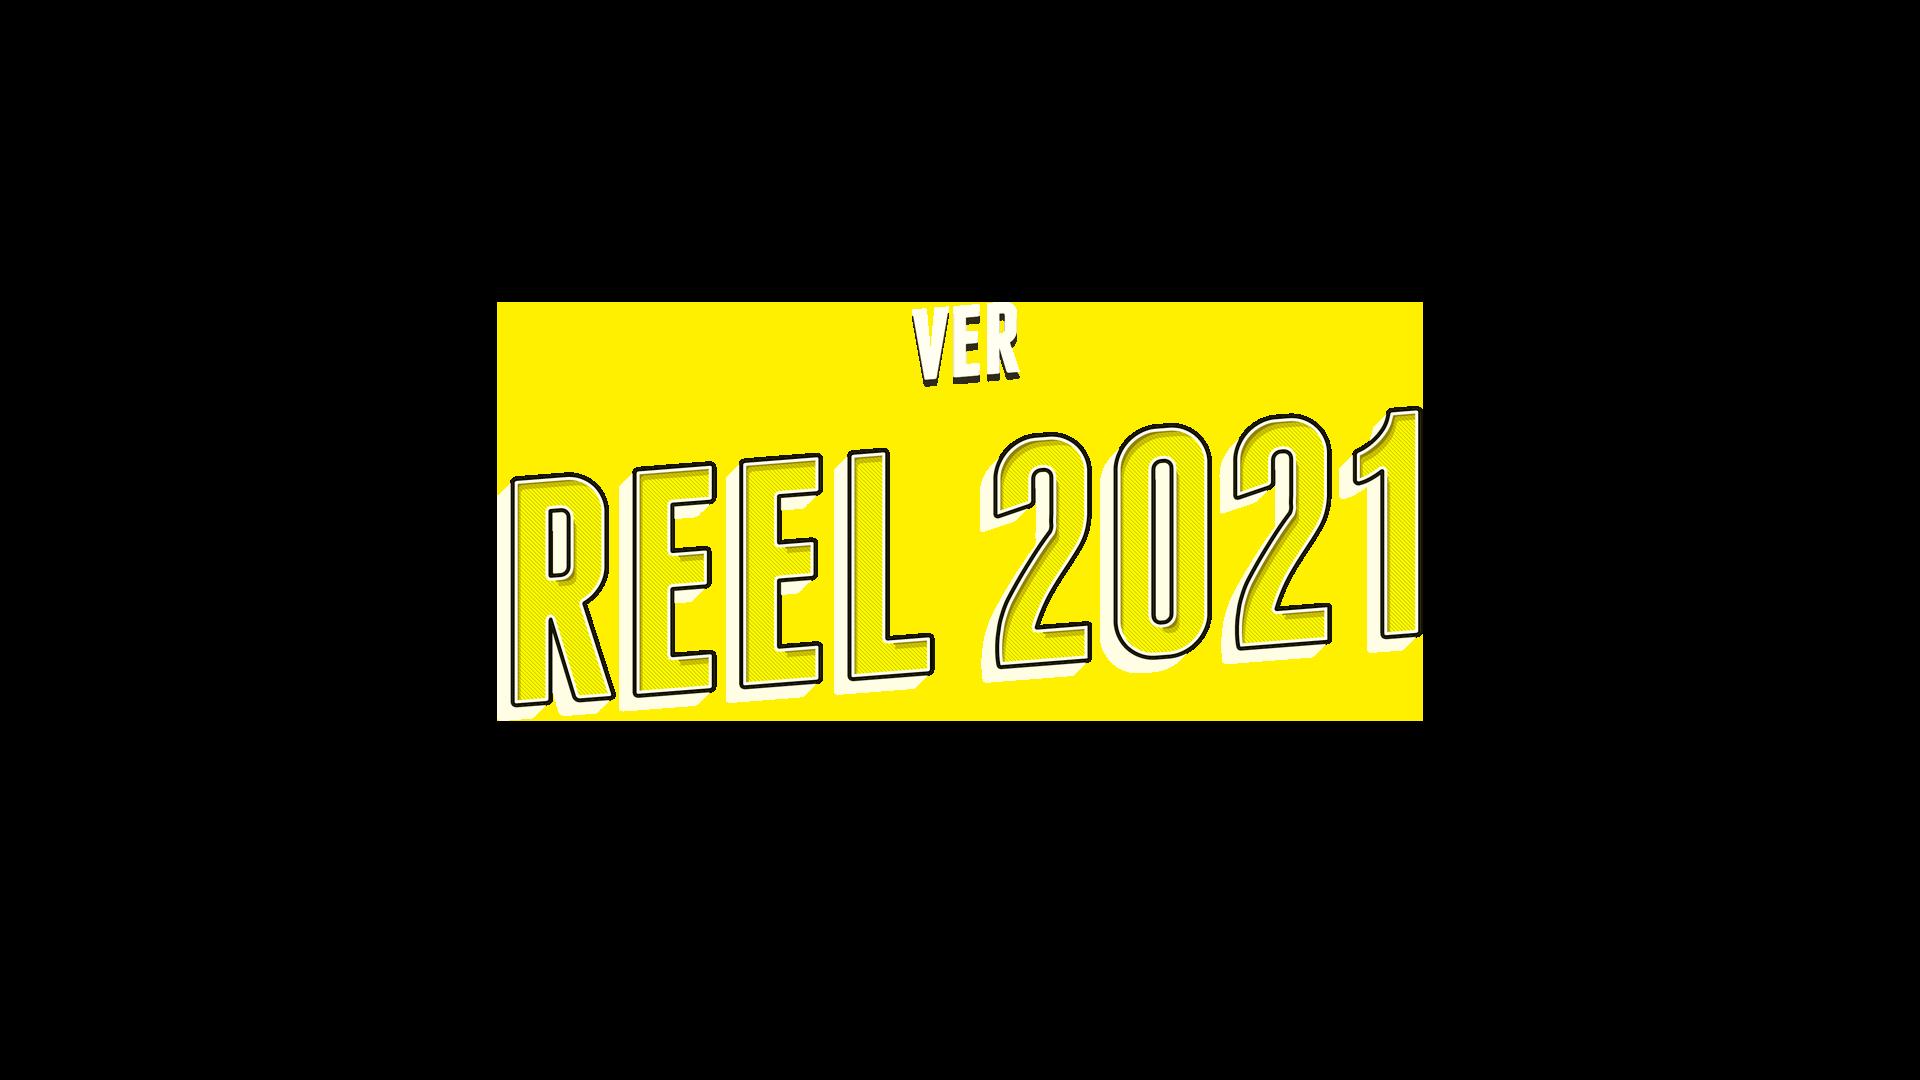 Ver Reel de YAMUVE, productora de vídeo en Alicante y Valencia